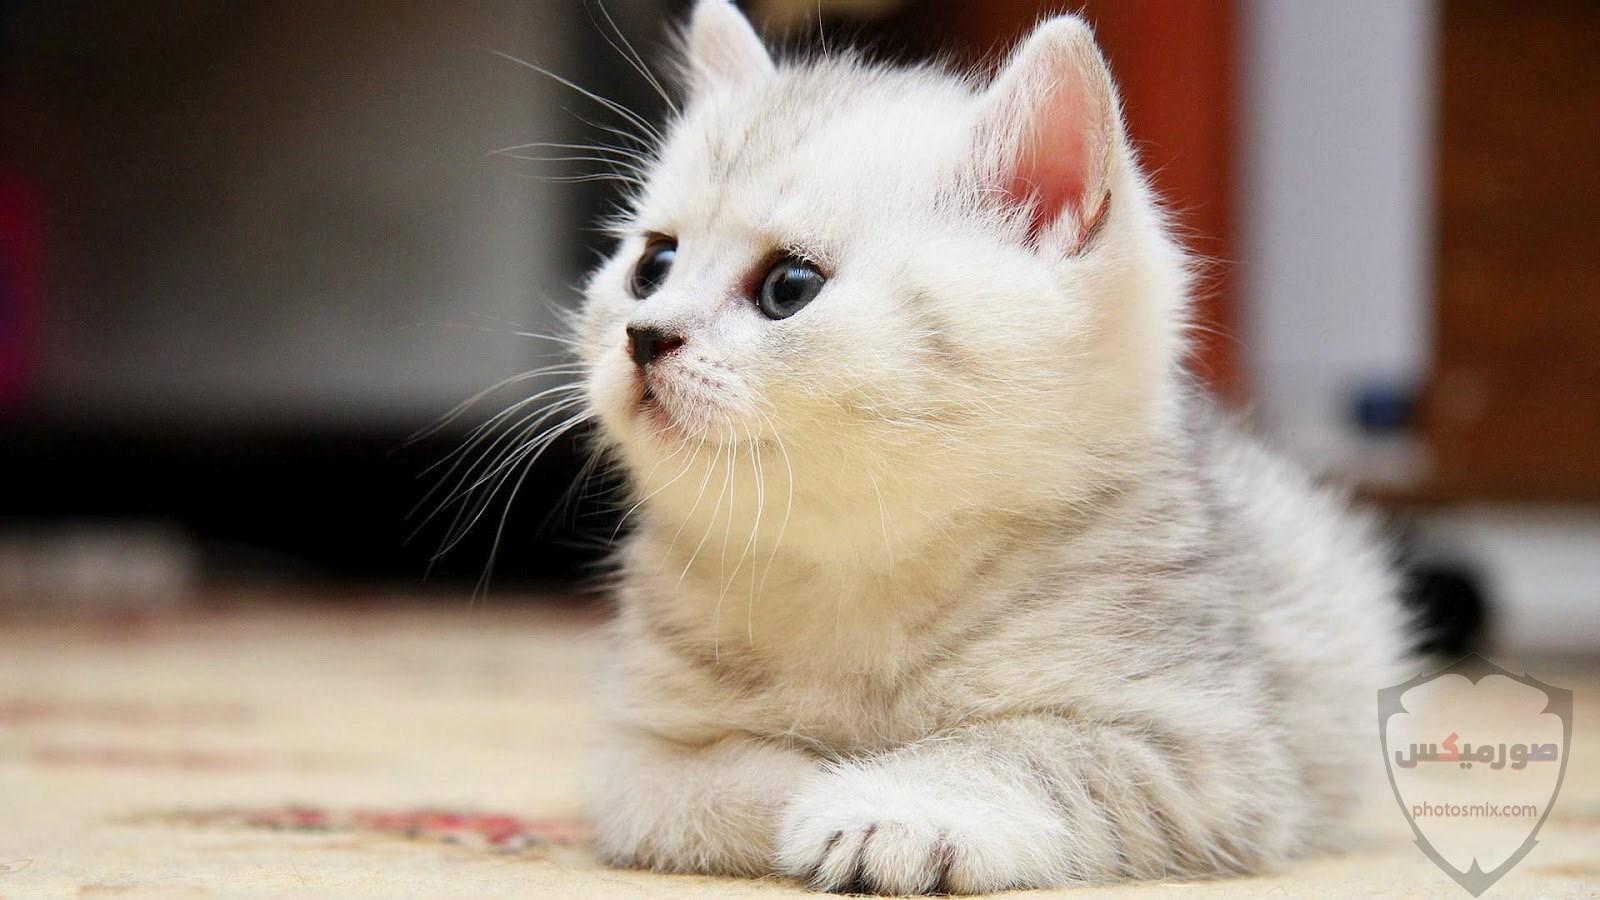 صور خلفيات رمزيات قطط كيوت صورة قطة كيوت جدا 27